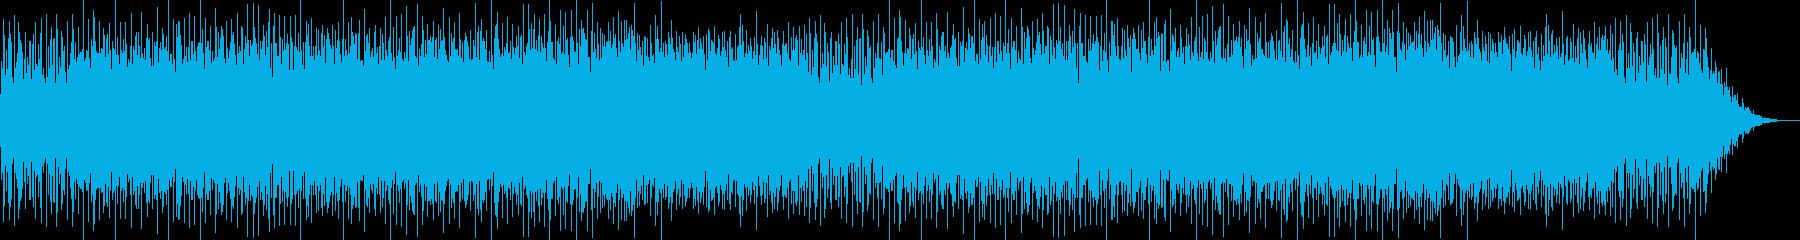 ほのぼのとしたかわいらしい明るい曲の再生済みの波形